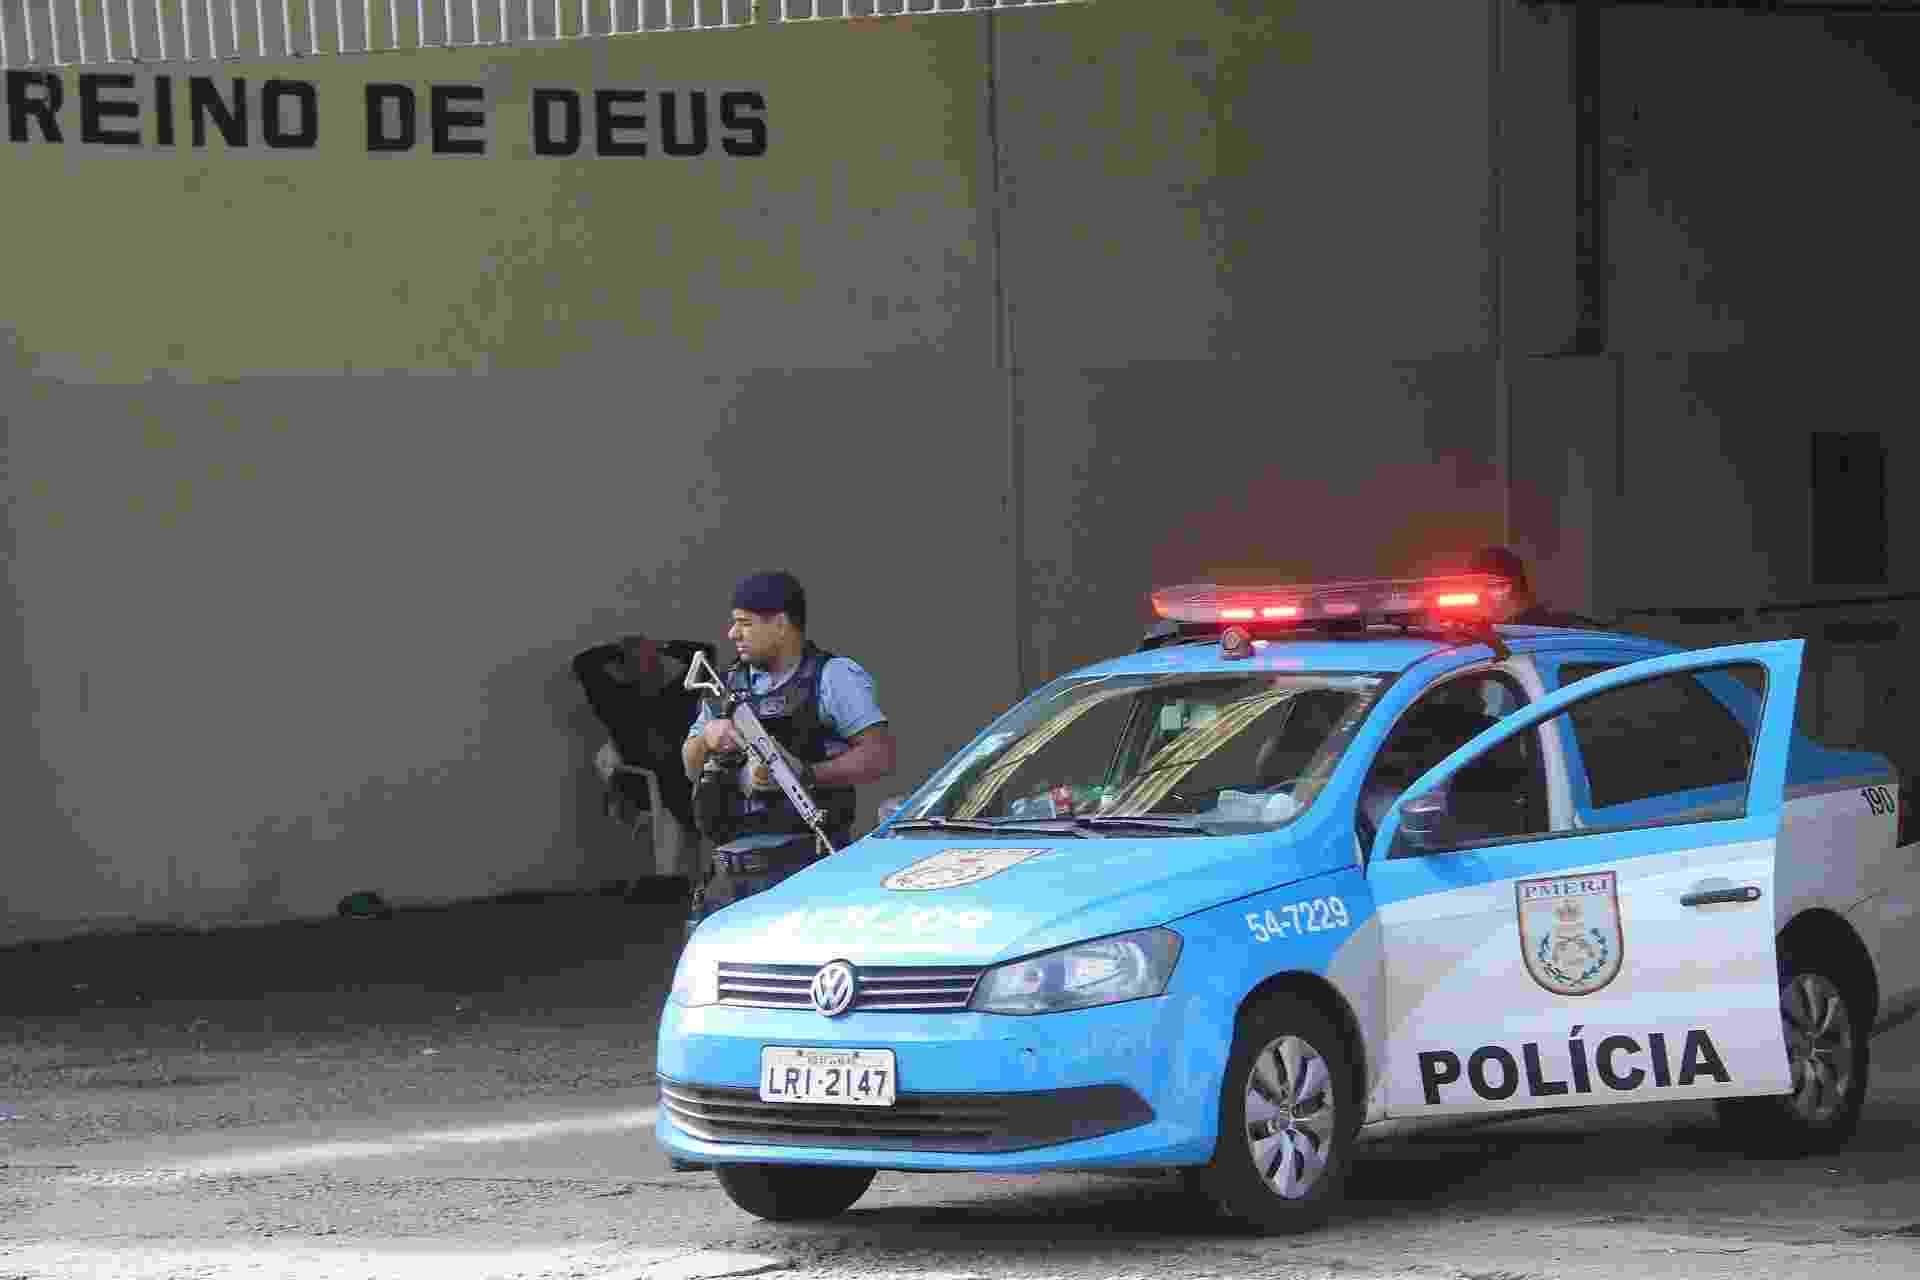 27.jun.2015 - Comunidades do Fallet e Fogueteiro em Santa Teresa, no centro do Rio de Janeiro, recebe reforço policial na manhã deste sábado (27), após uma sede da UPP (Unidade de Polícia Pacificadora) ter sido invadida. Não há informações sobre possíveis feridos e prisões - José Lucena/Futura Press/Estadão Conteúdo